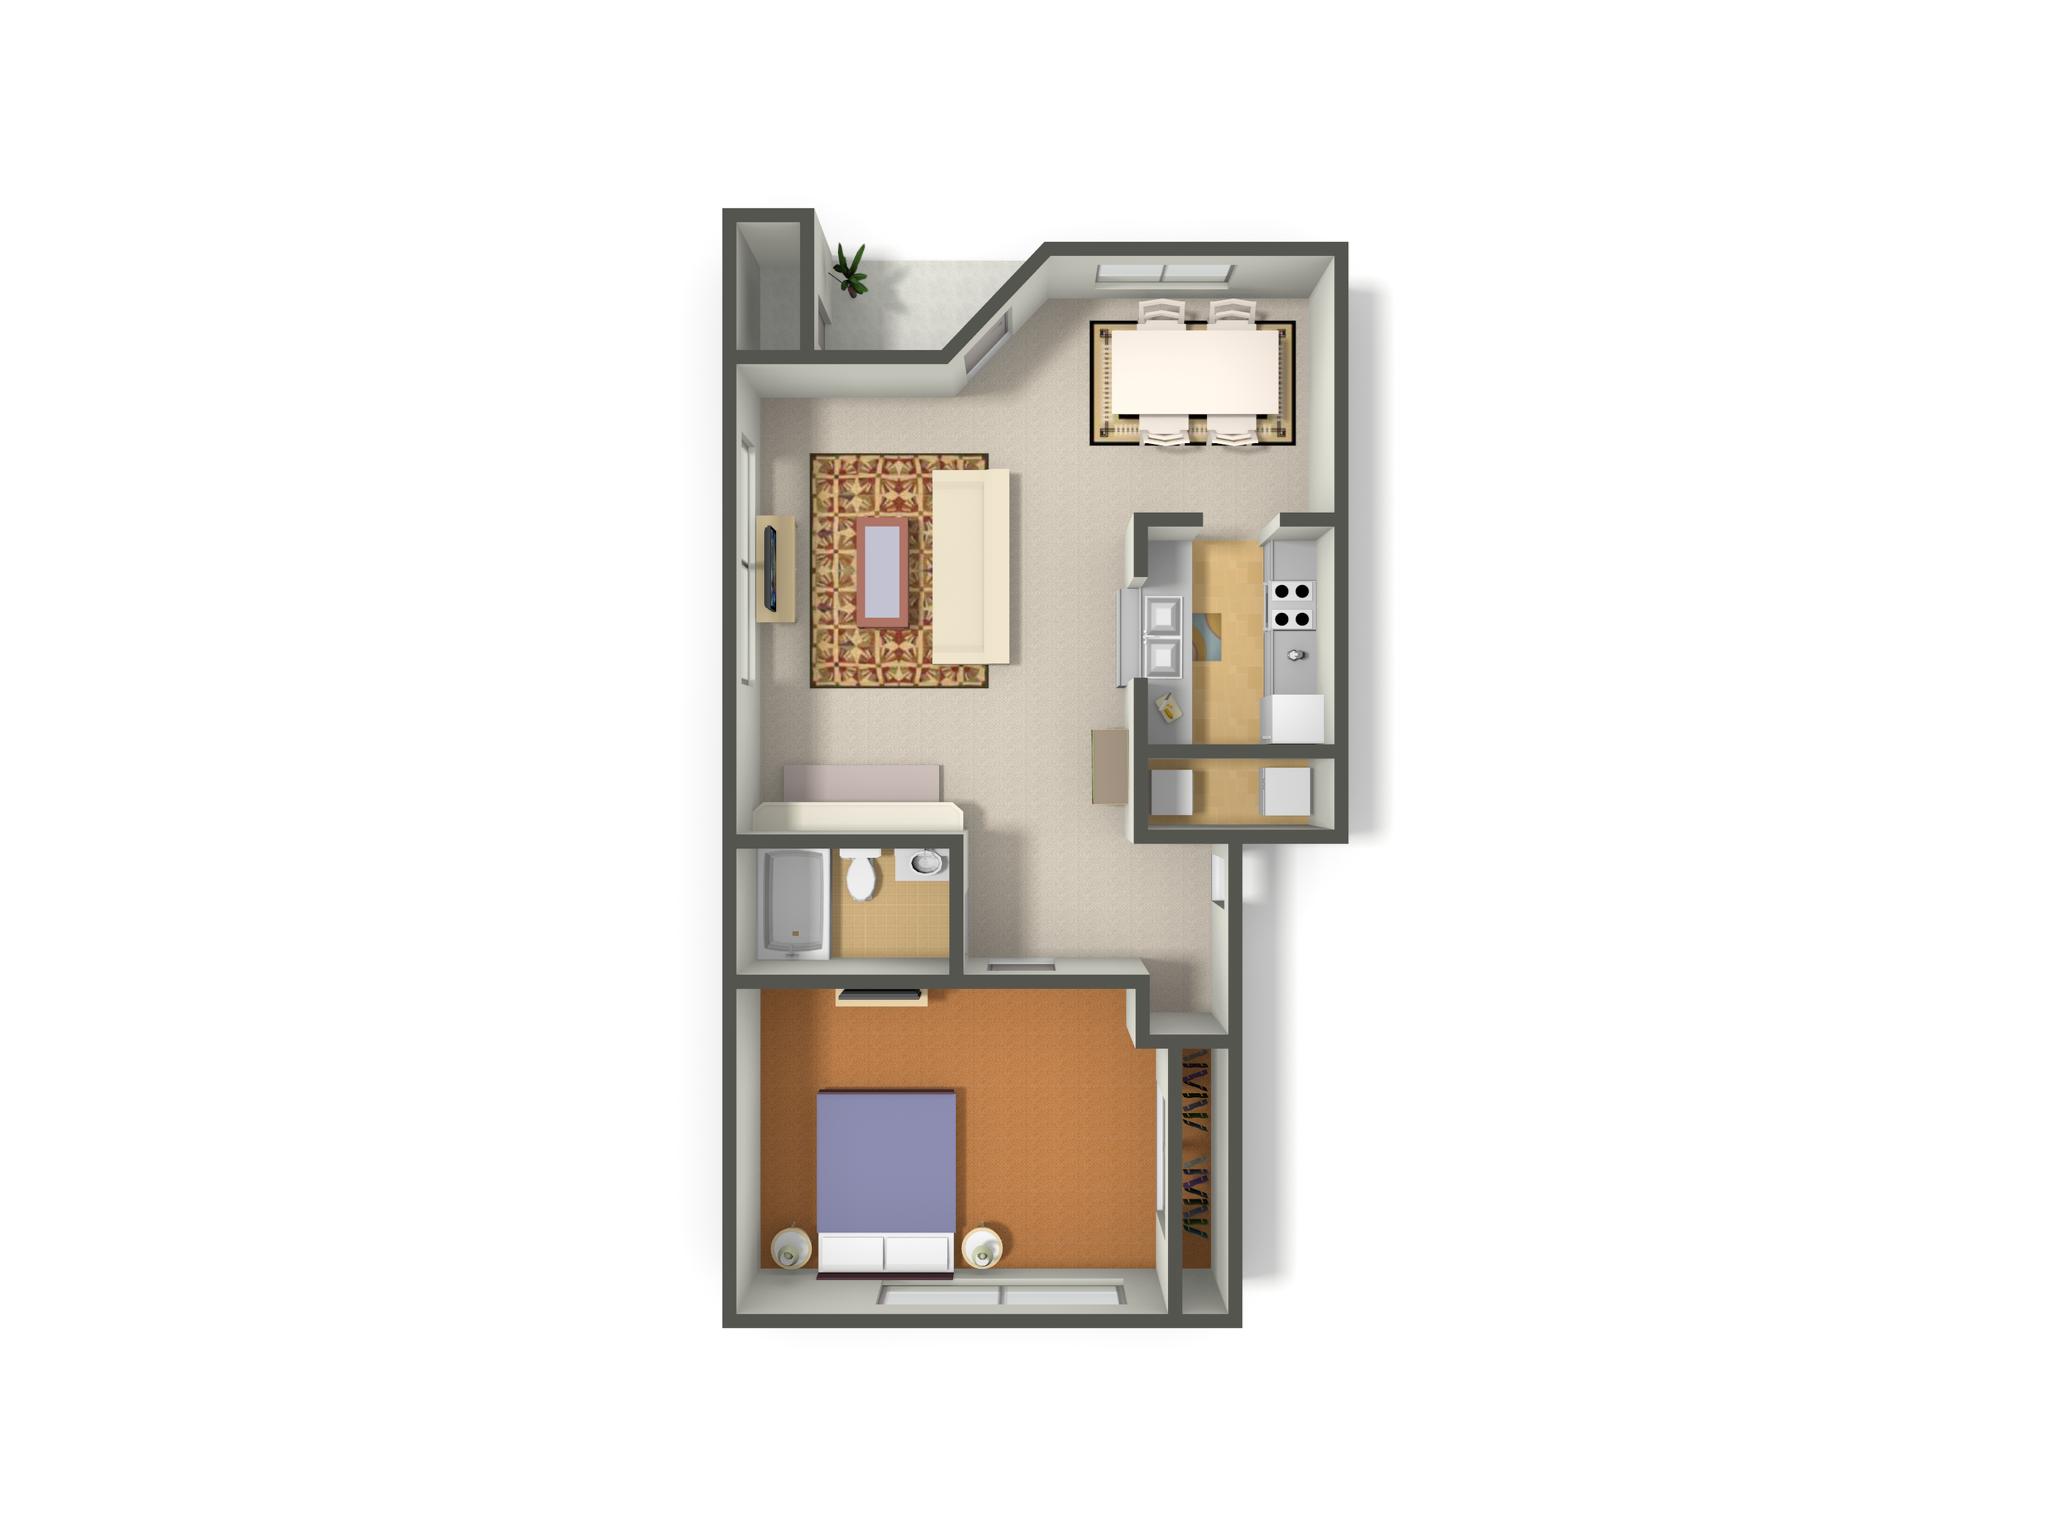 1 Bed-1 Bath Classic Floor Plan 1